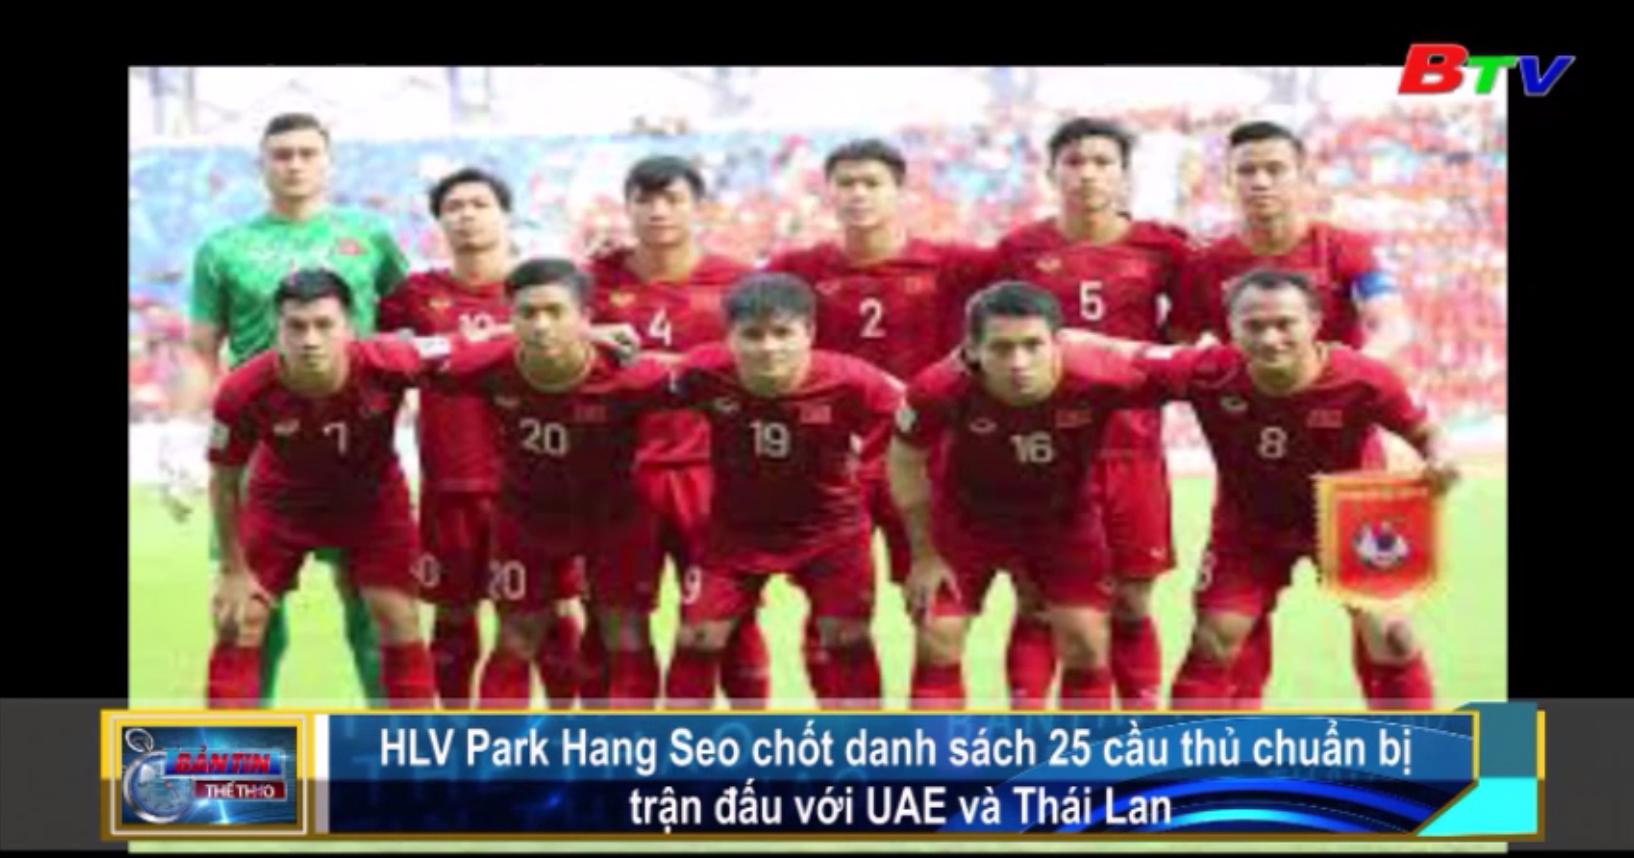 HLV Park Hang-seo chốt danh sách 25 cầu thủ chuẩn bị trận đấu với UAE và Thái Lan